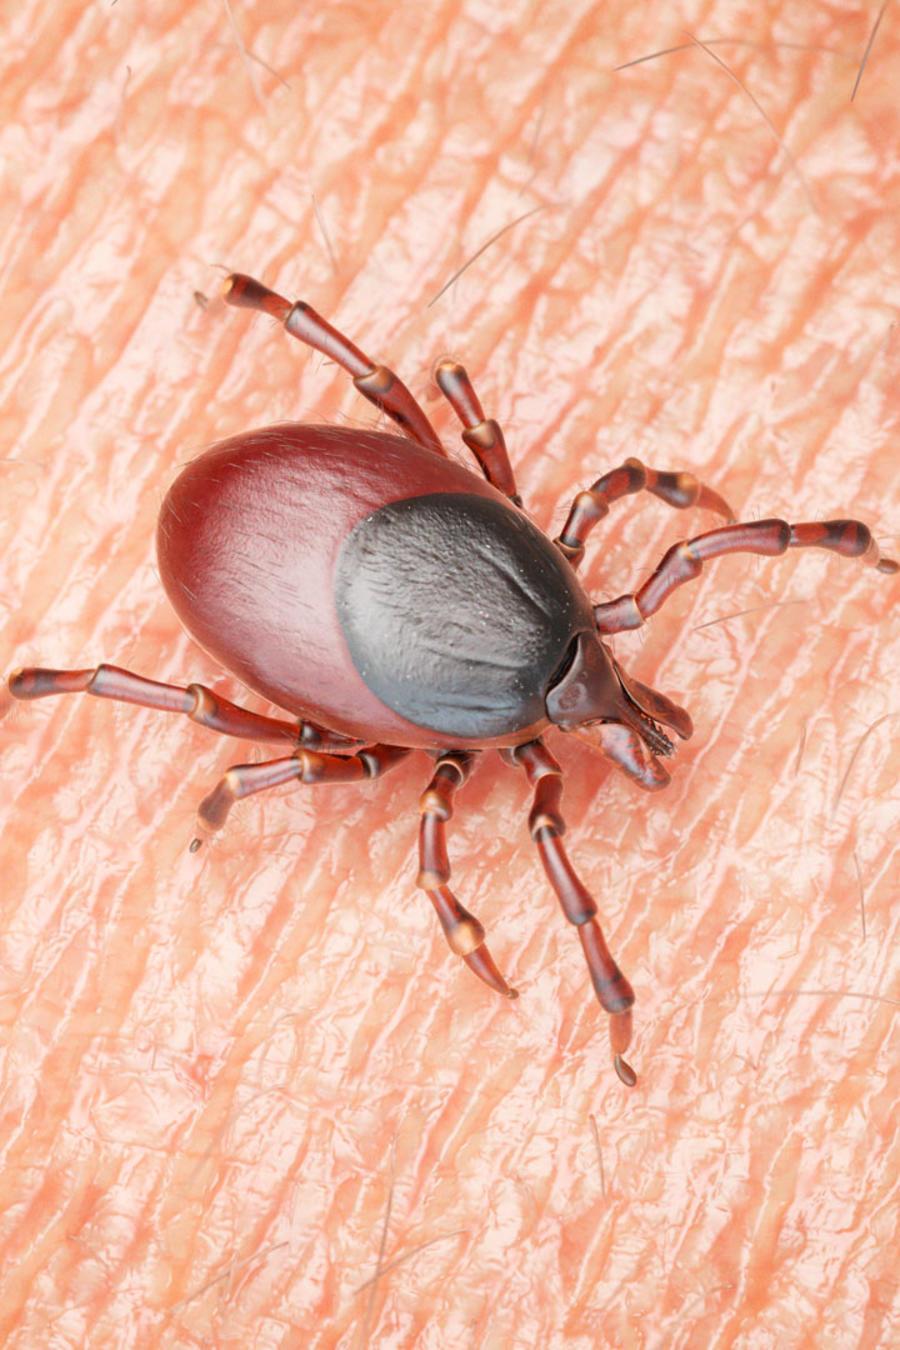 Garrapata que causa la enfermedad de Lyme